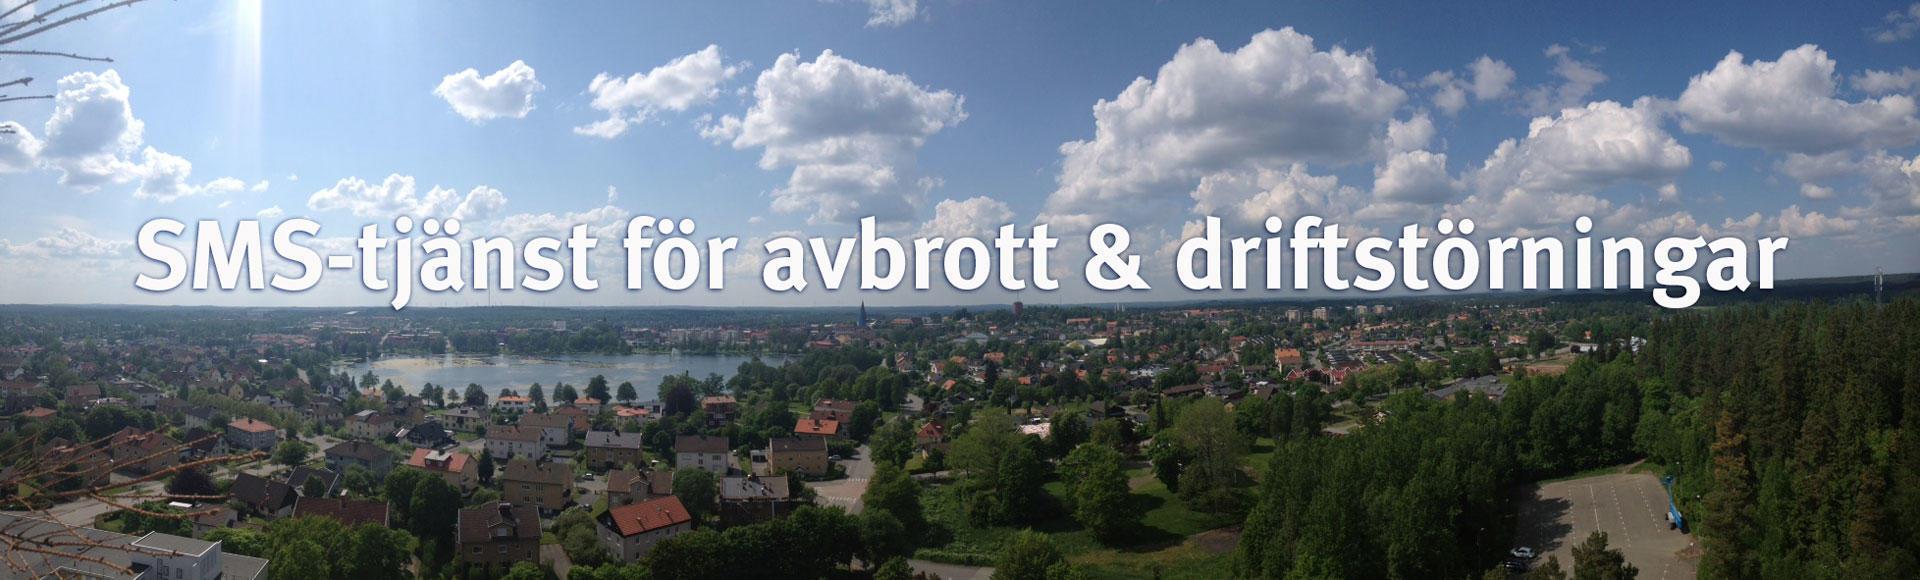 SMS-tjänst för avbrott & driftstörningar - vy över Nässjö